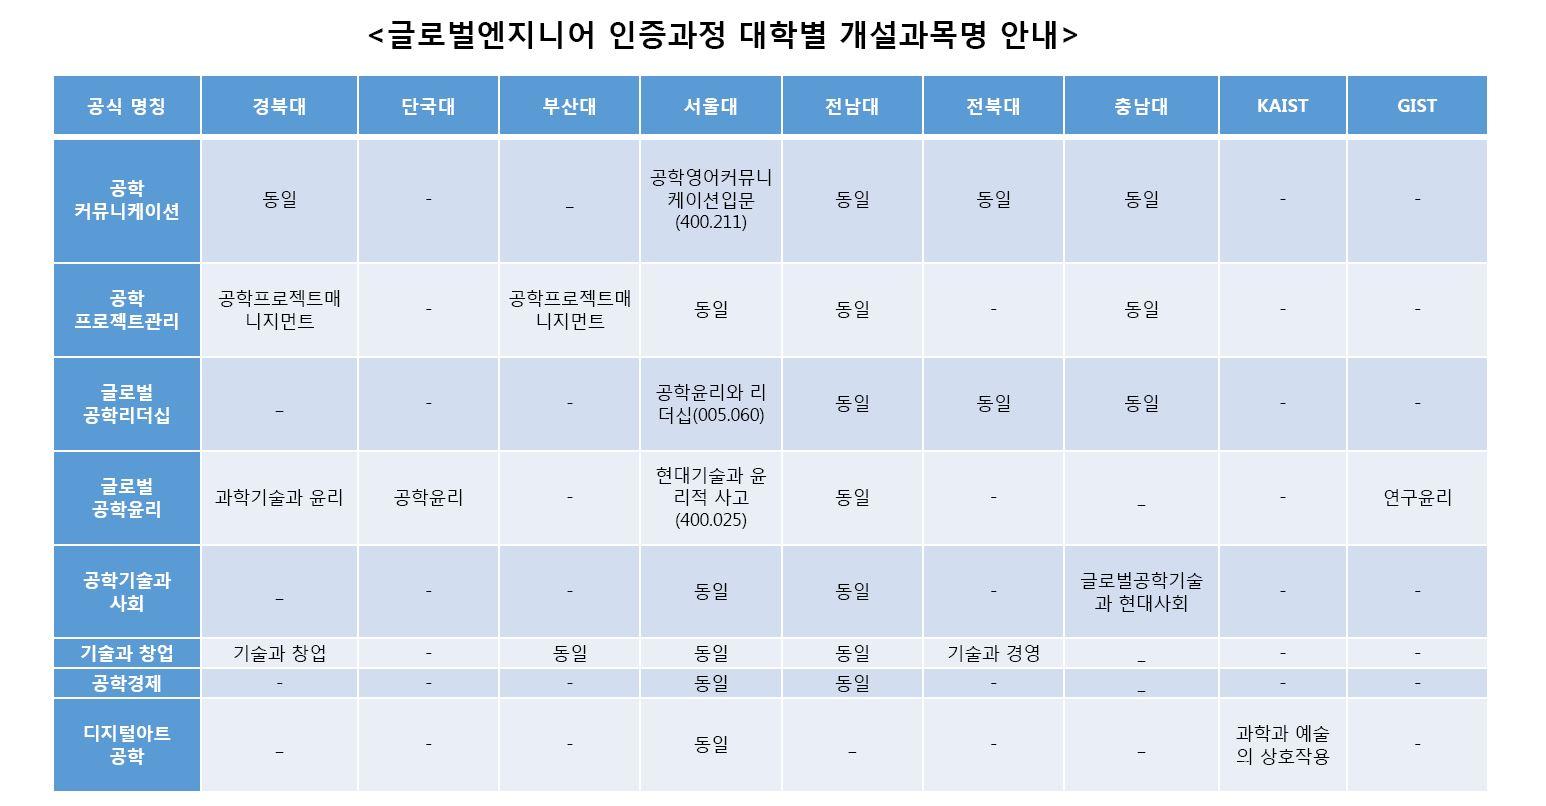 글로벌엔지니어 인증과정 대학별 개설과목명.JPG